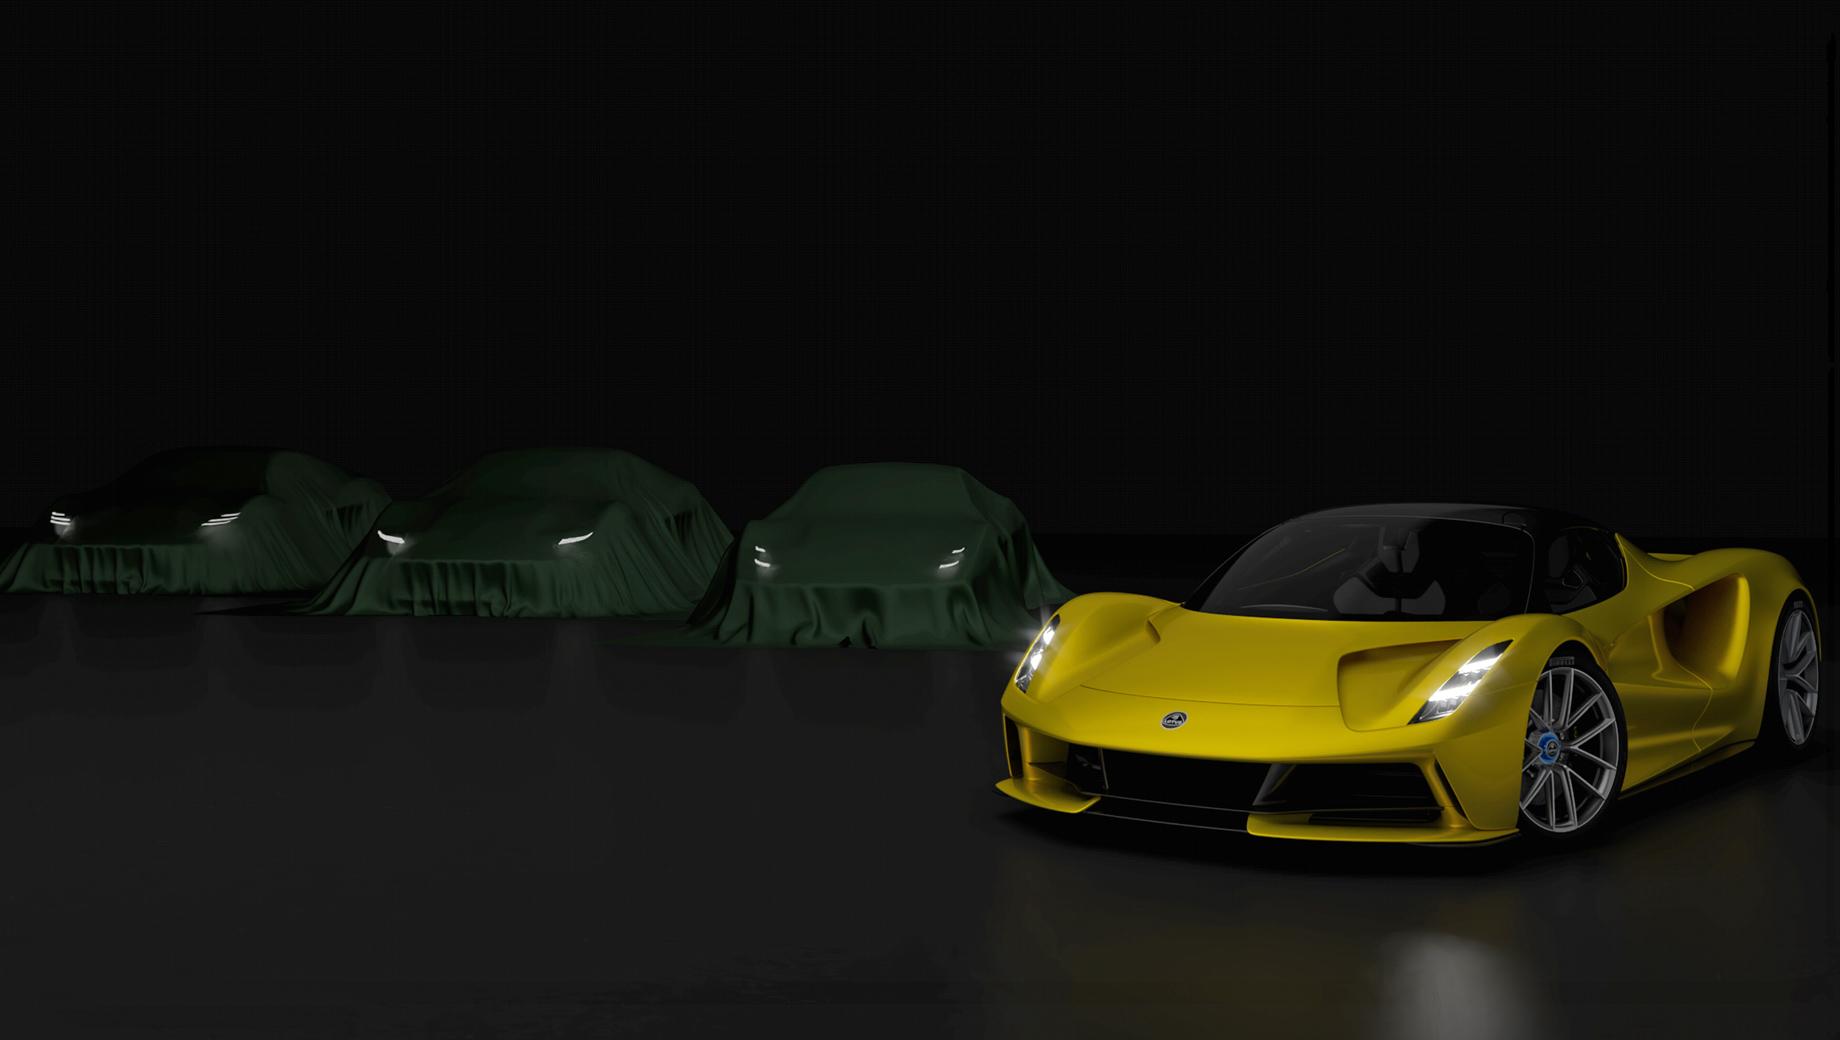 Марка Lotus анонсировала новую линейку спорткаров